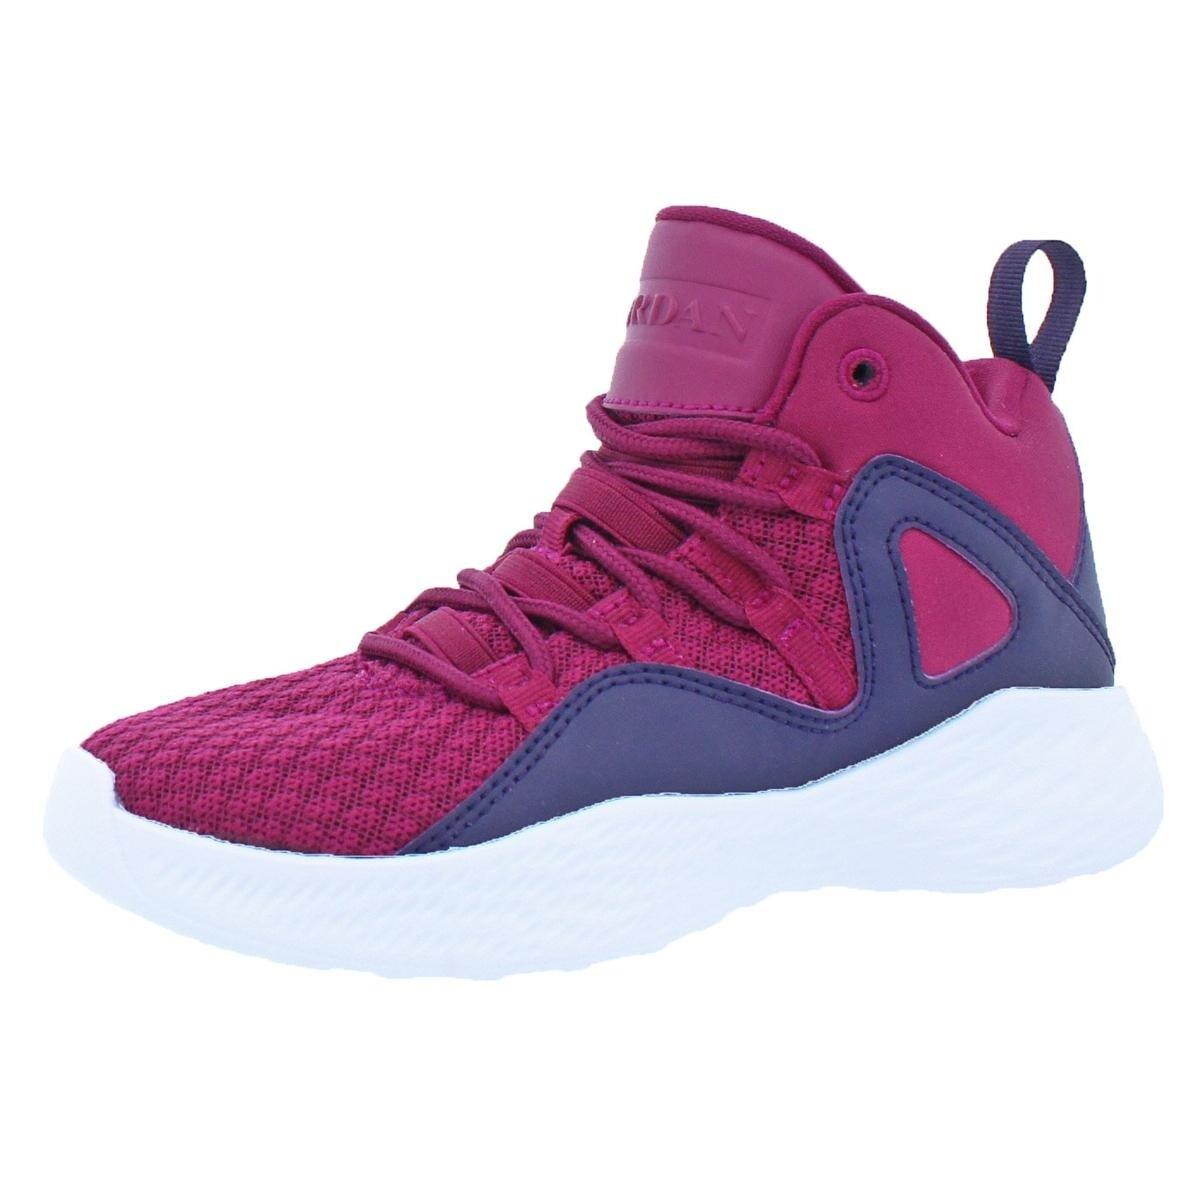 f7d6d2a94bb12f Shop Jordan Girls Formula 23 Basketball Shoes Lightweight Sneakers - 12.5  medium (b